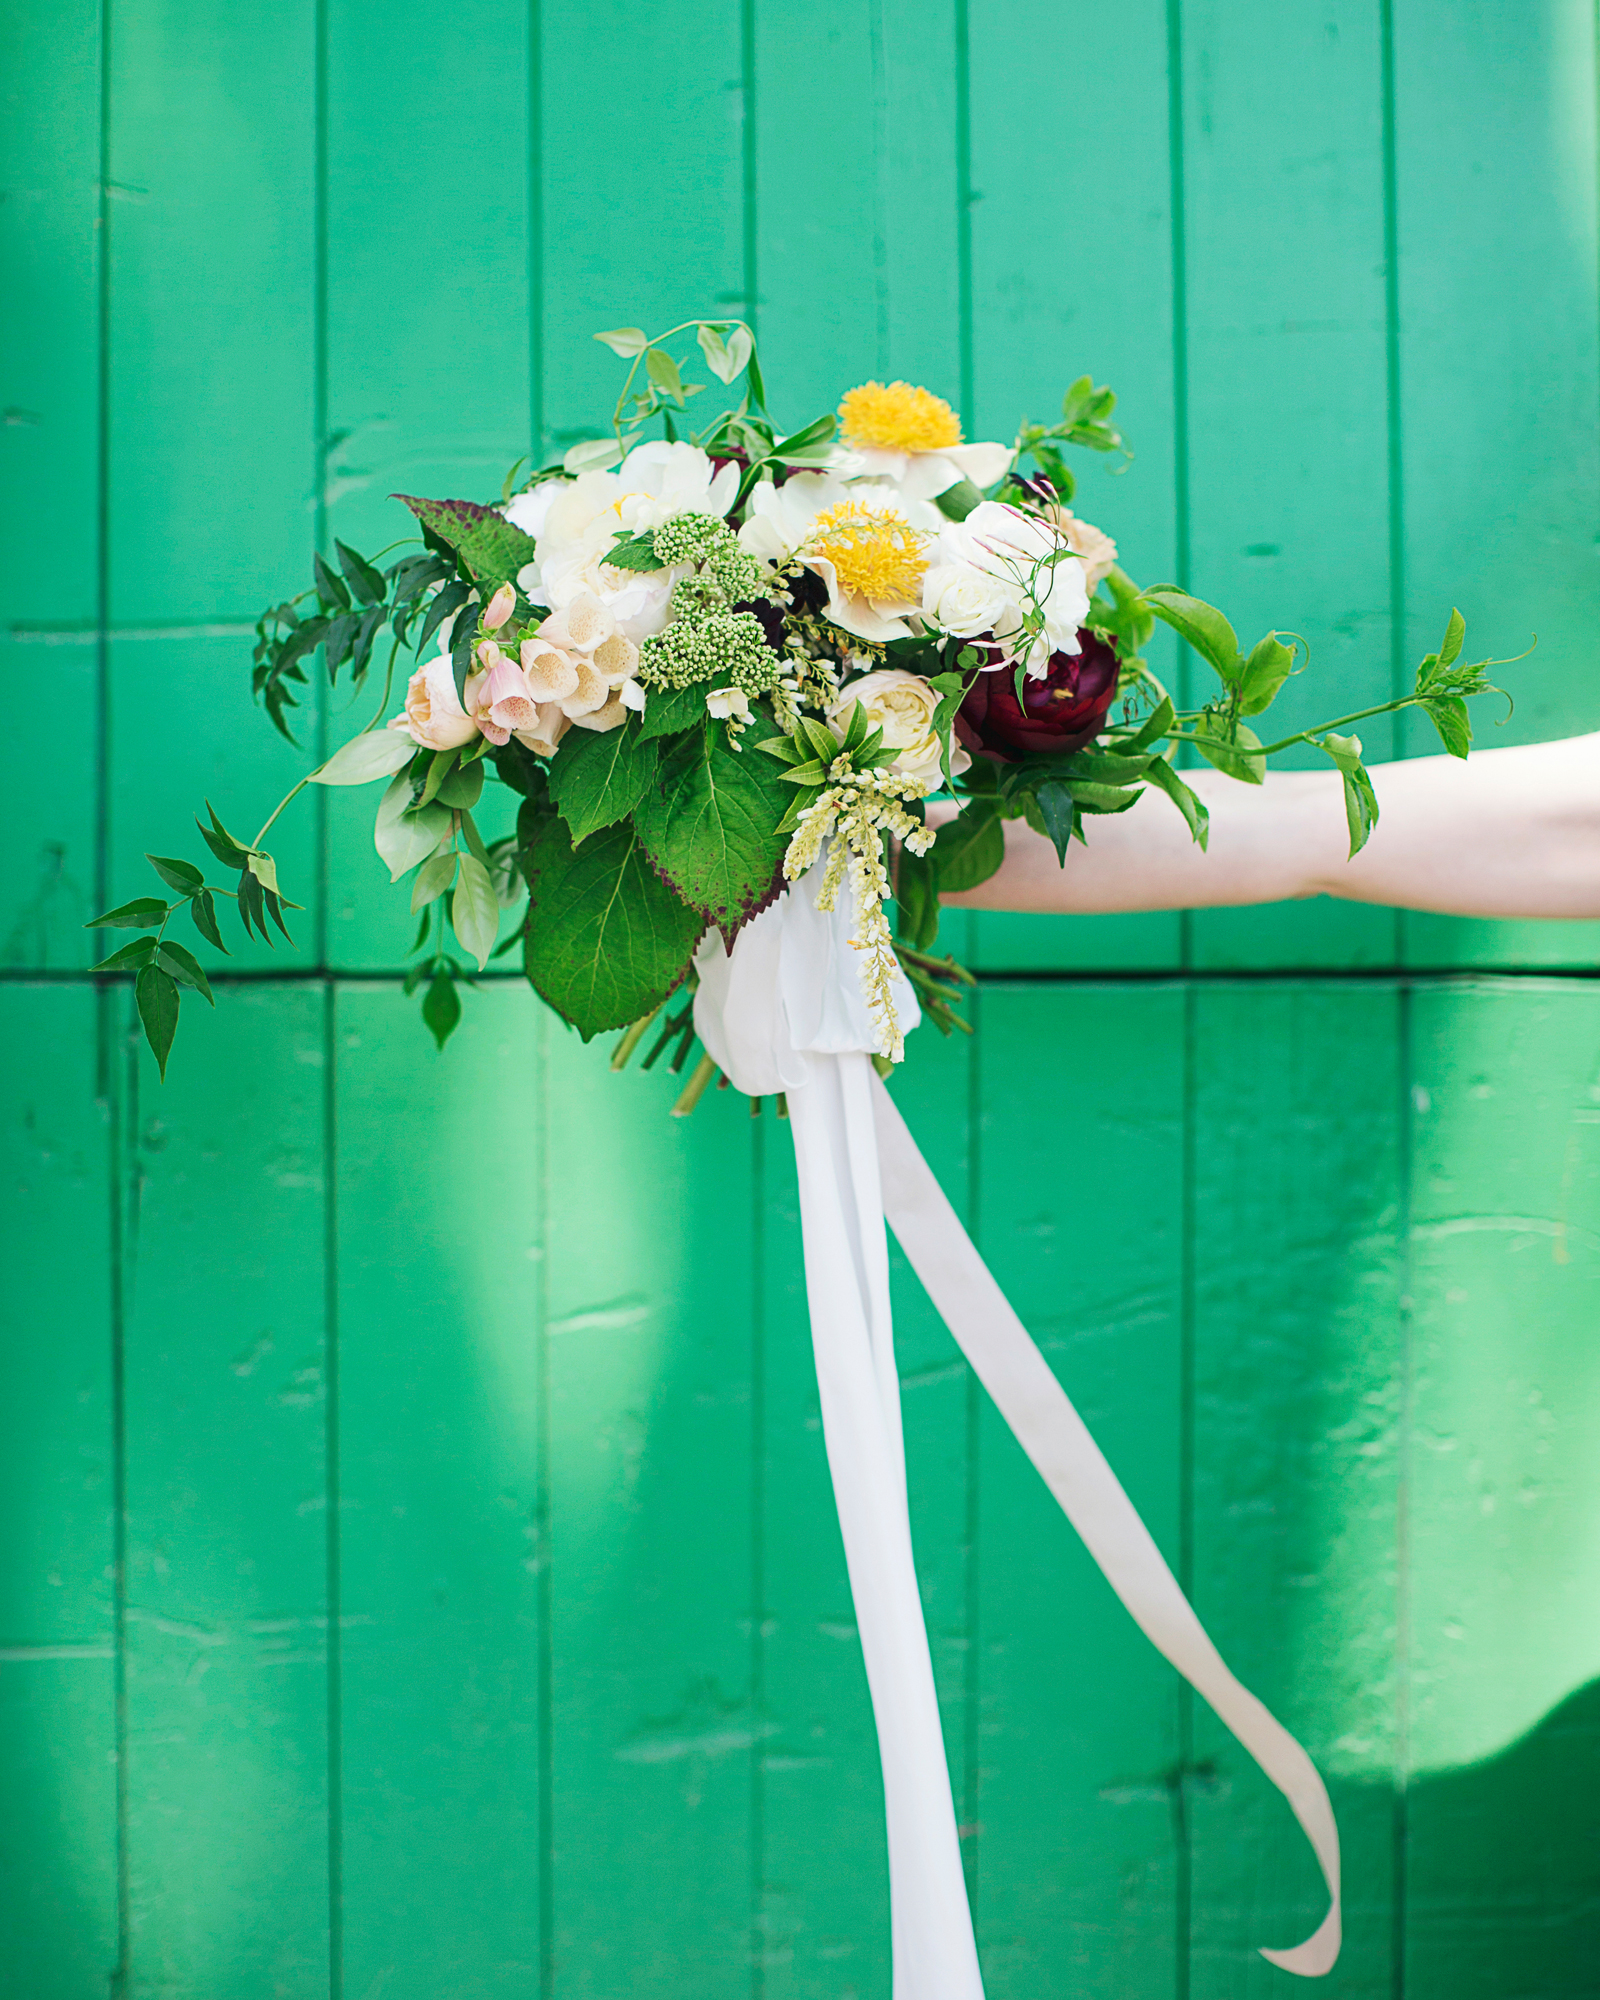 rosie-ambi-wedding-bouquet-3310-s112501-0116.jpg